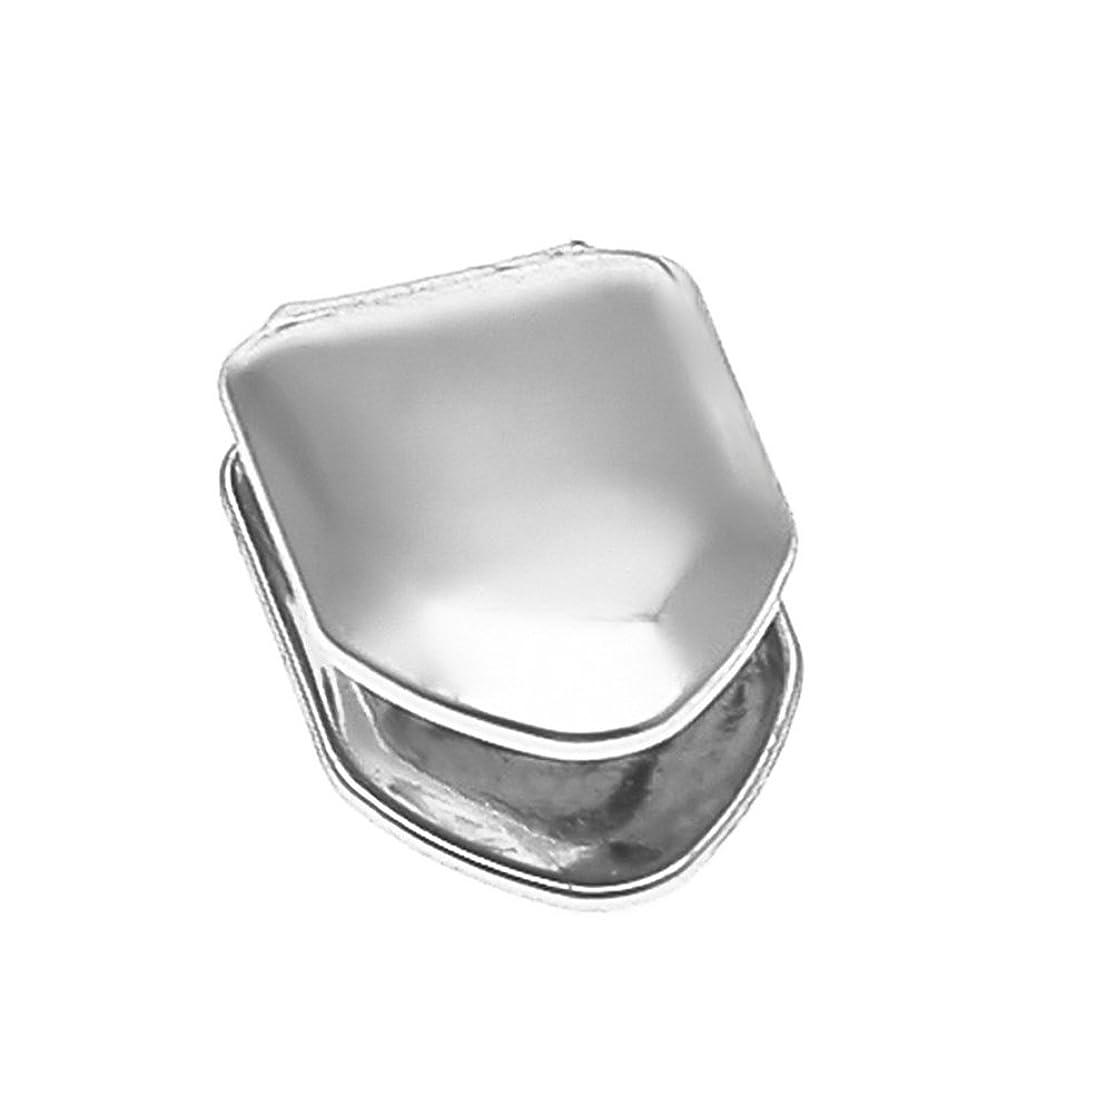 一貫性のない甘味ビットHealifty ヒップホップの歯のキャップソリッド14Kゴールドメッキの小さなシングルトゥースキャップ上下のヒップホップの歯のグリル(シルバー)